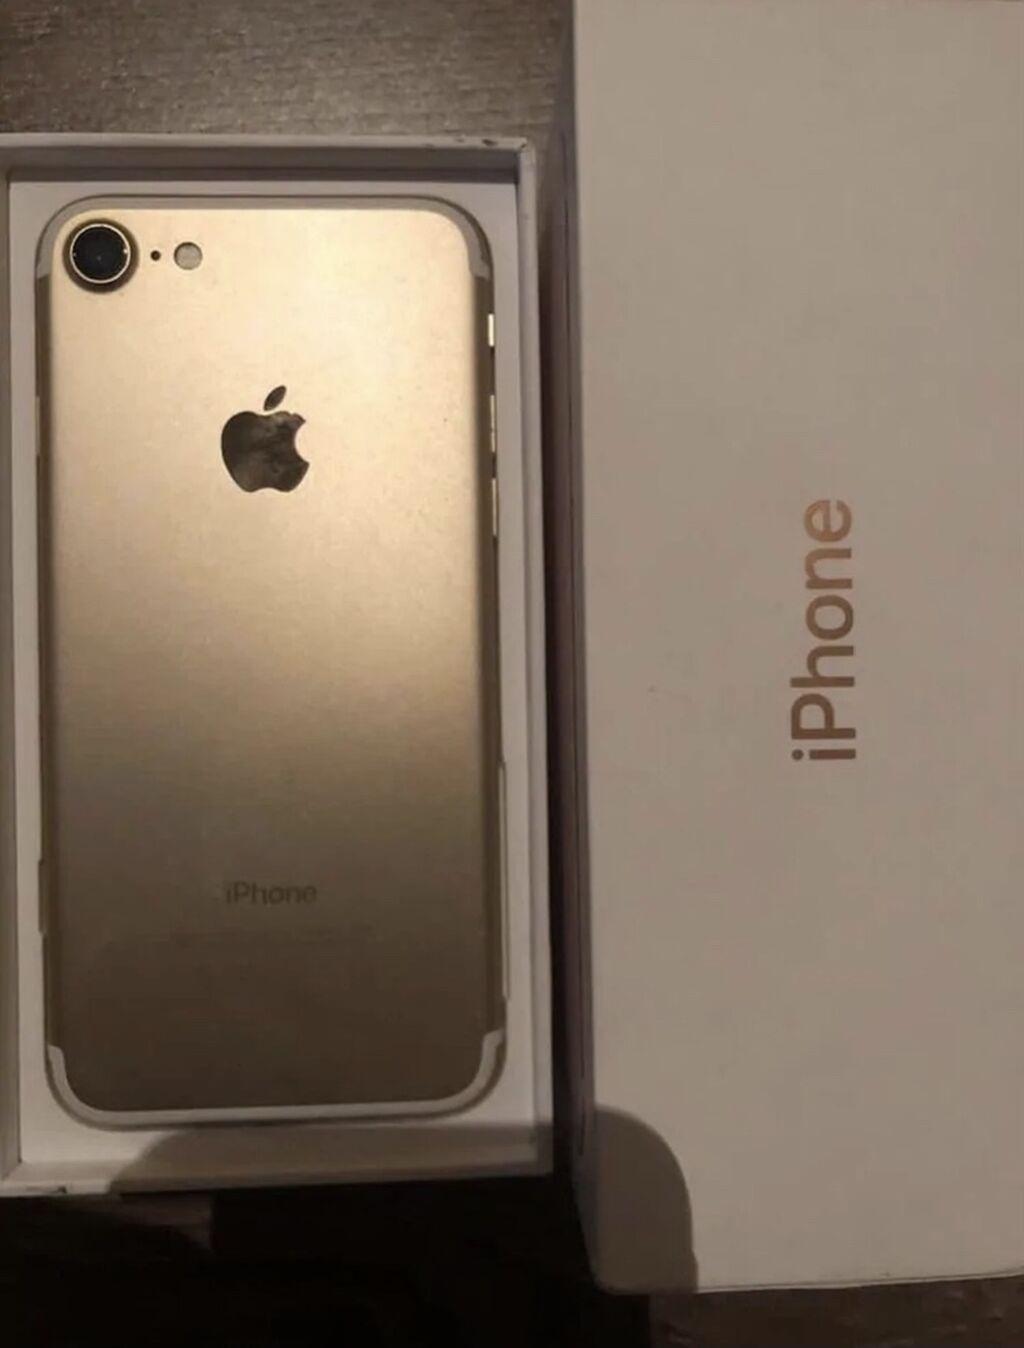 IPhone 7 | 32 GB | Qızılı | İşlənmiş: IPhone 7 | 32 GB | Qızılı | İşlənmiş